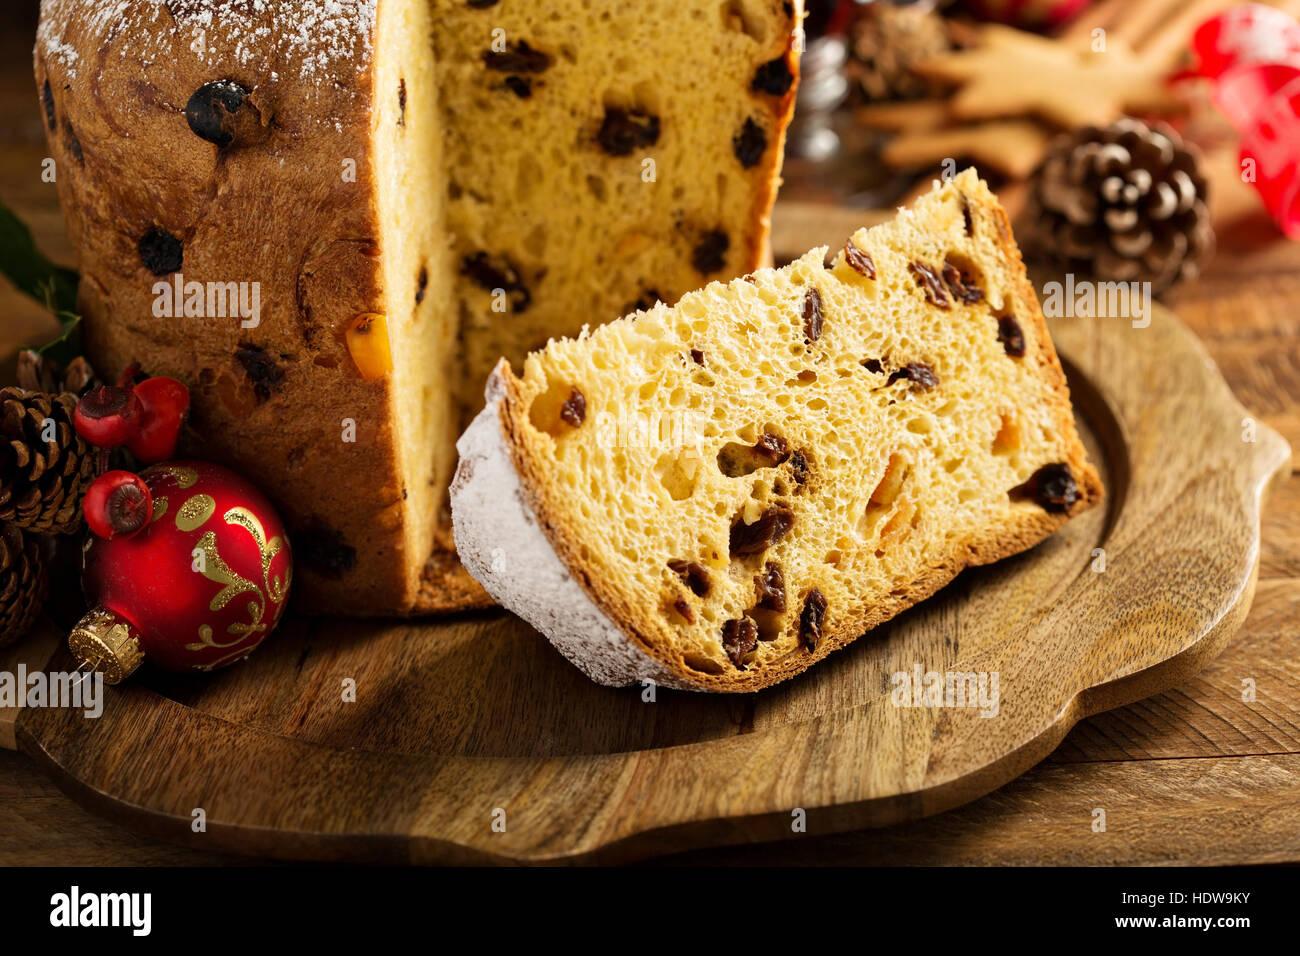 Tradizionale panettone natalizio con frutta secca Immagini Stock